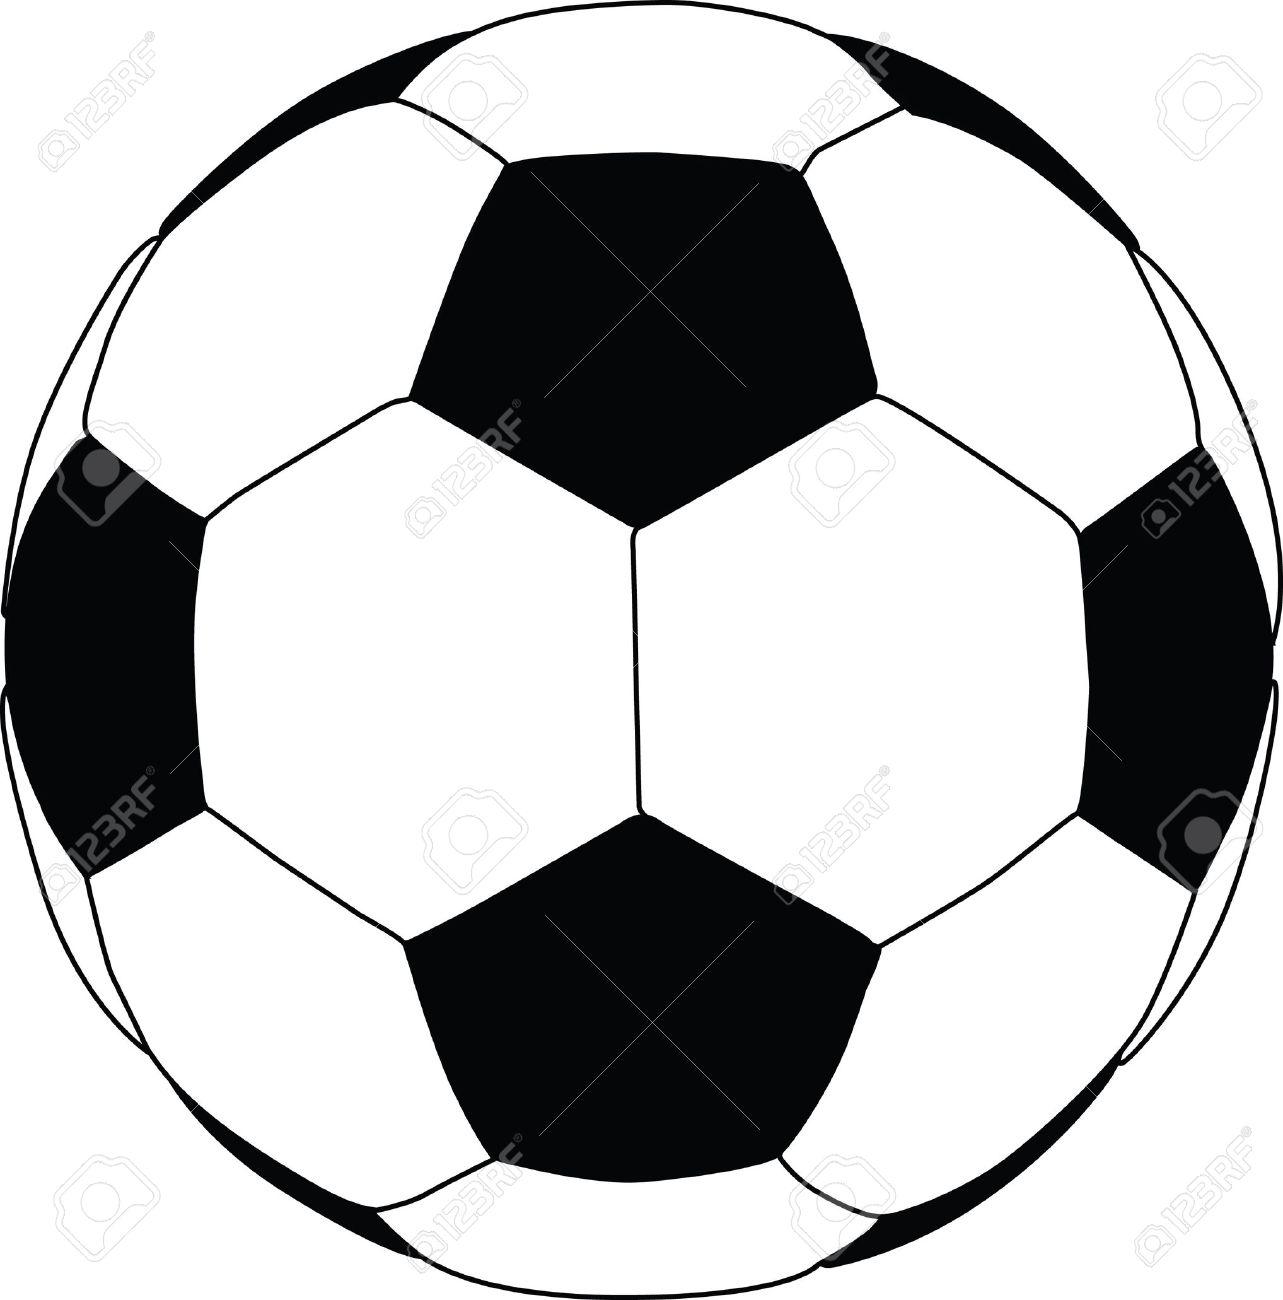 Fantastisch Fußball Gitter Vorlage Fotos - Ideen fortsetzen ...